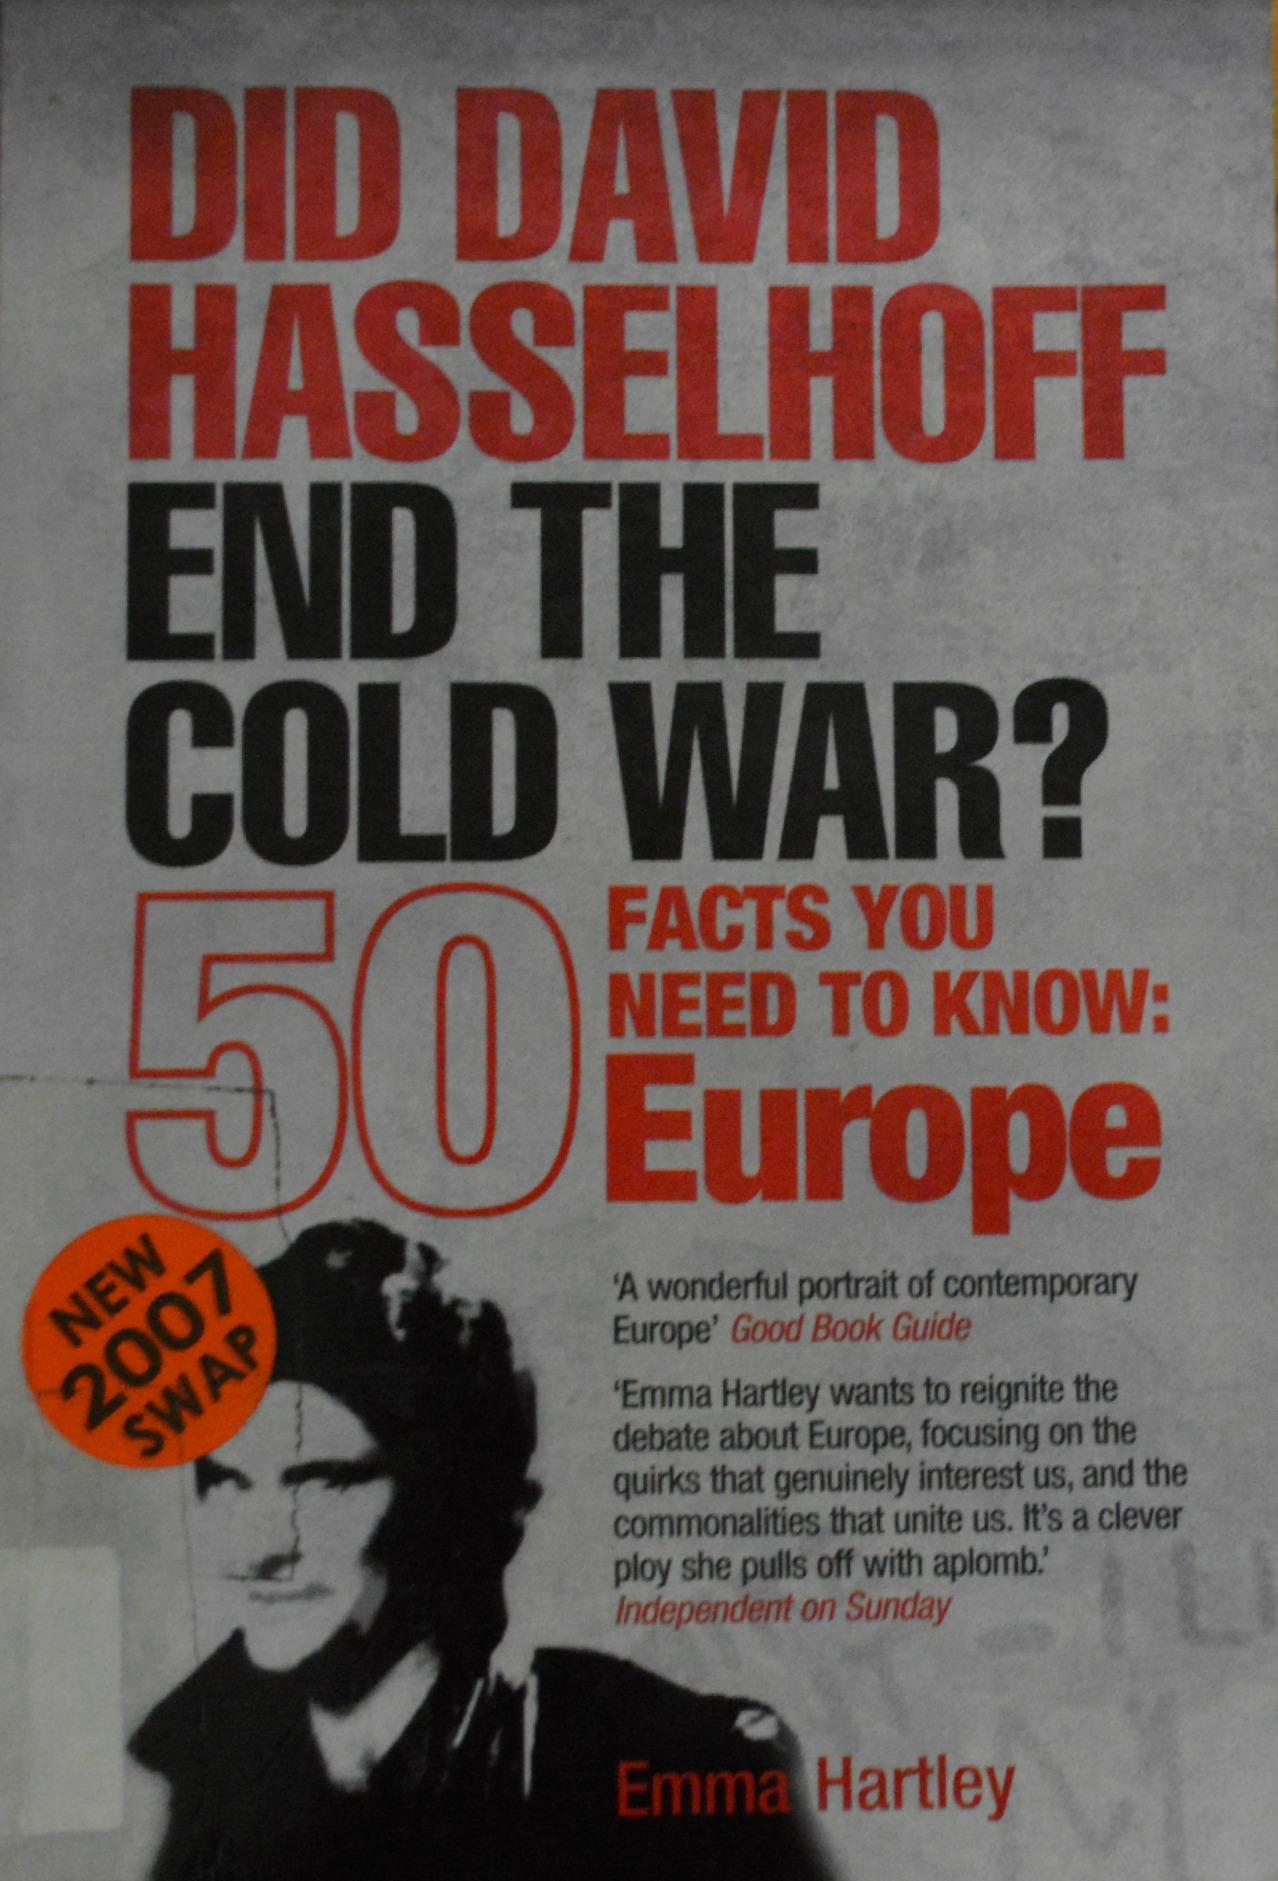 #Hasselhoff